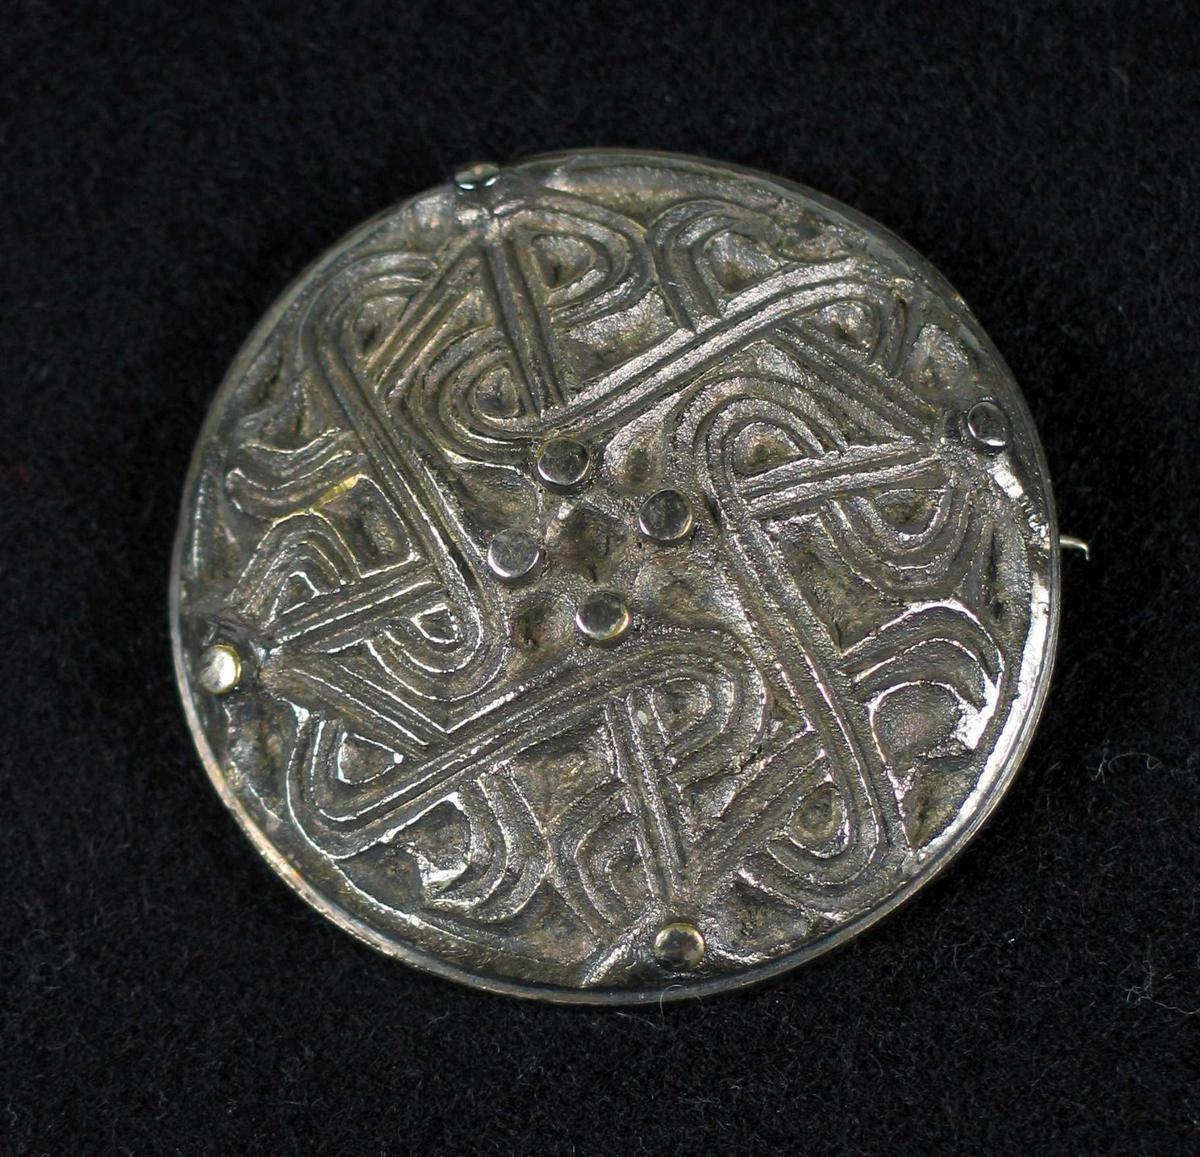 Rund støpt nål i sølv (tinn?) med nordisk mønter.